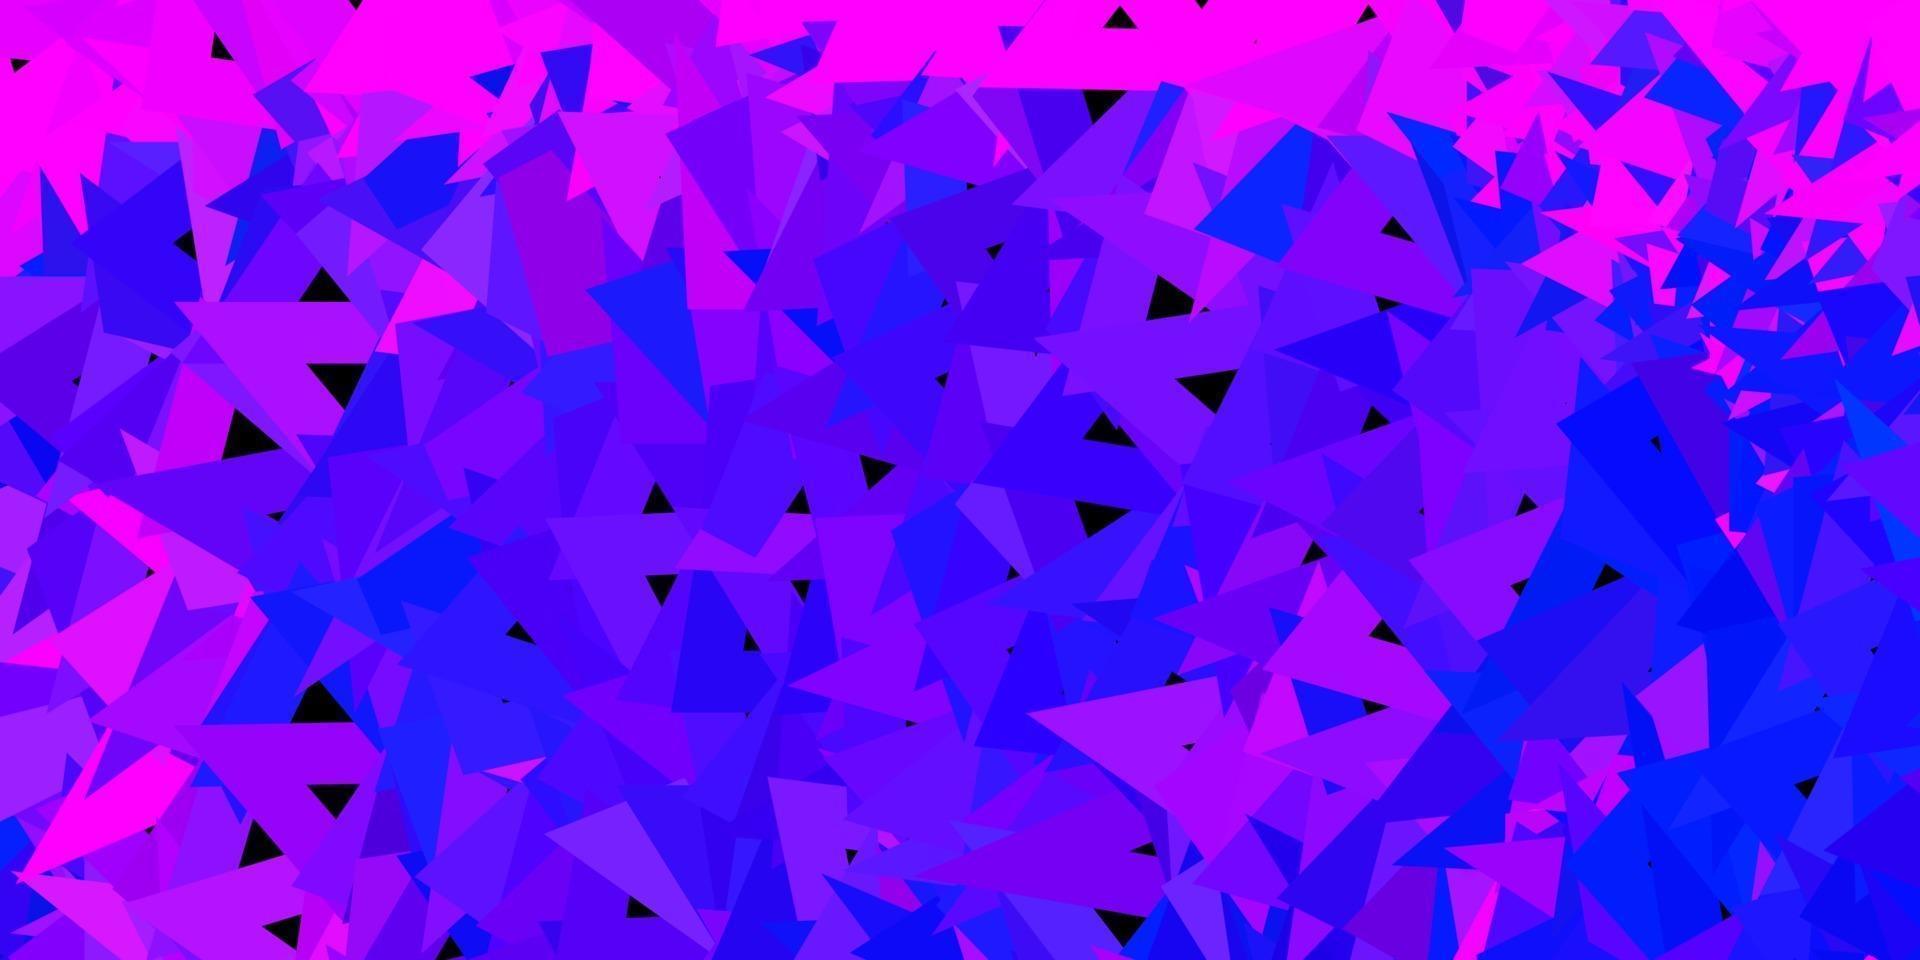 patrón poligonal de vector rosa claro, azul.